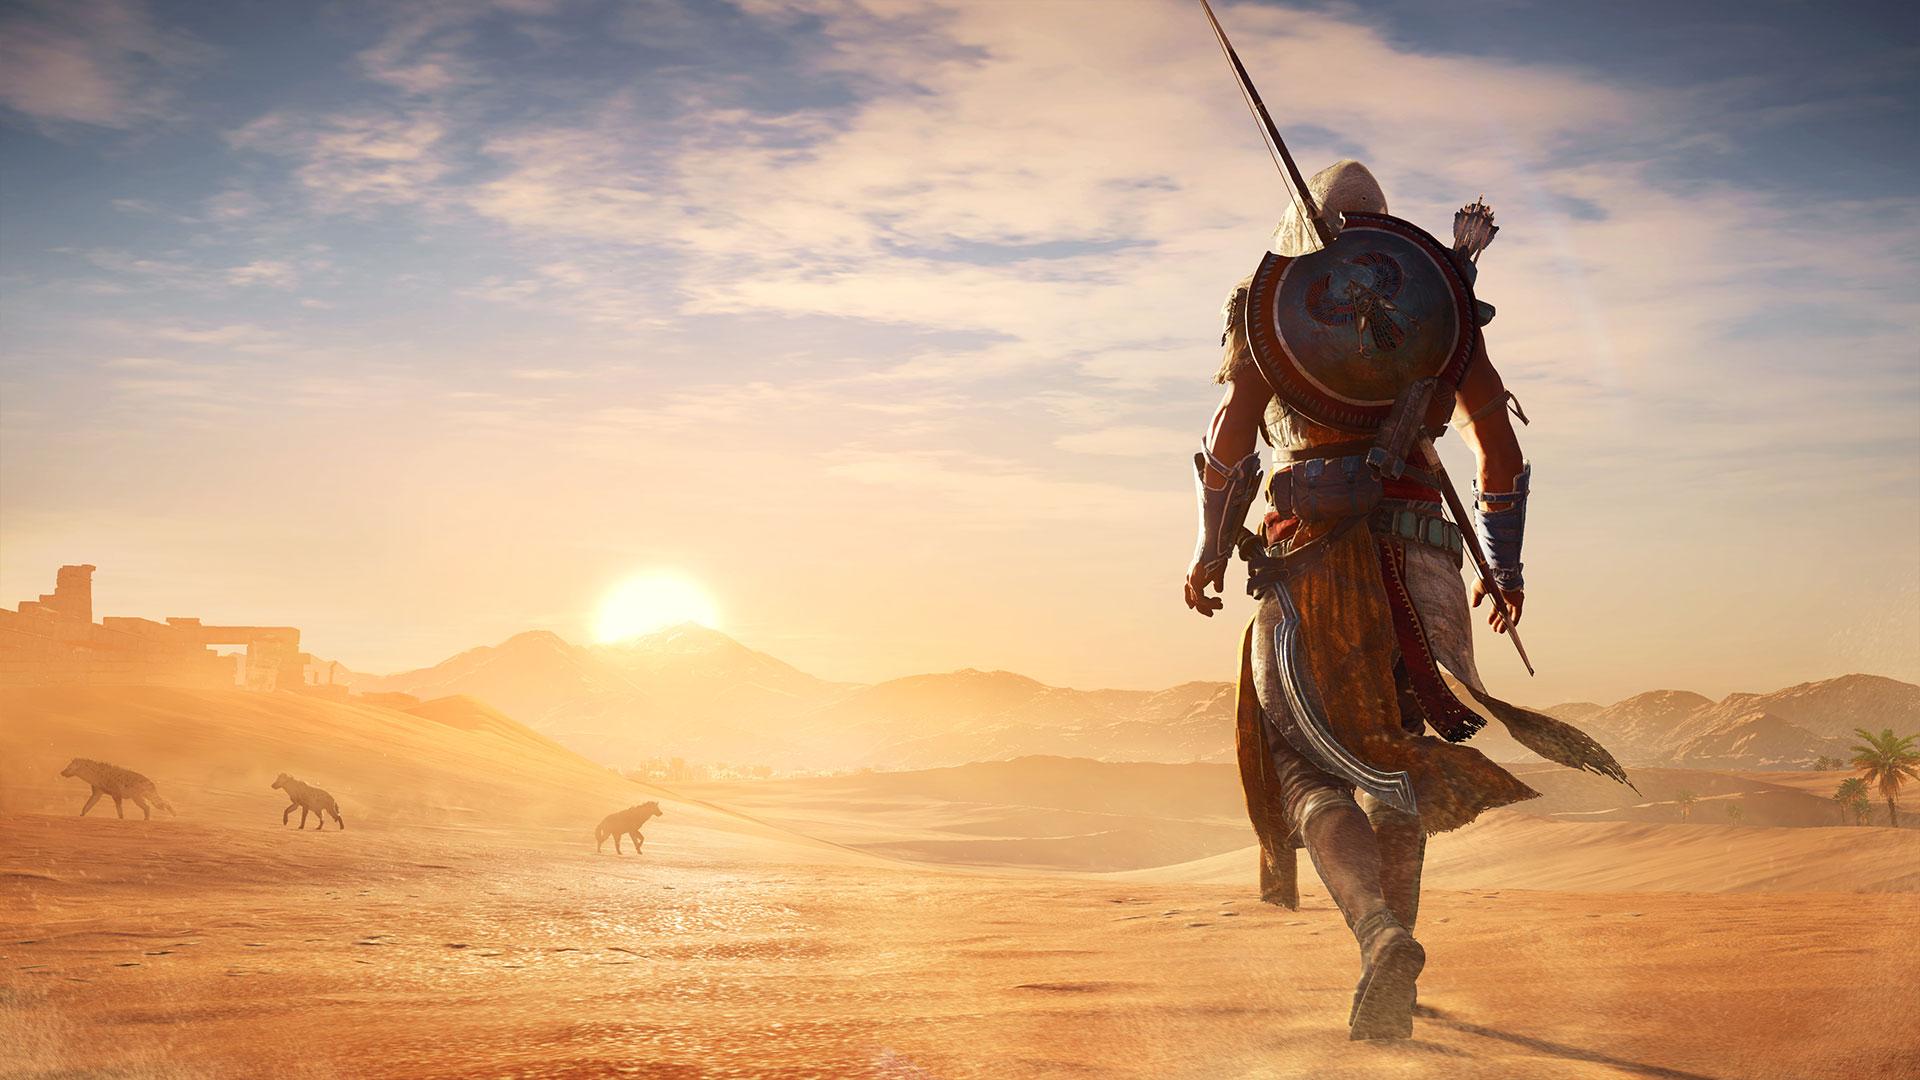 Assassin's Creed Origins de baş rolde kadın karakter bulunduruyordu